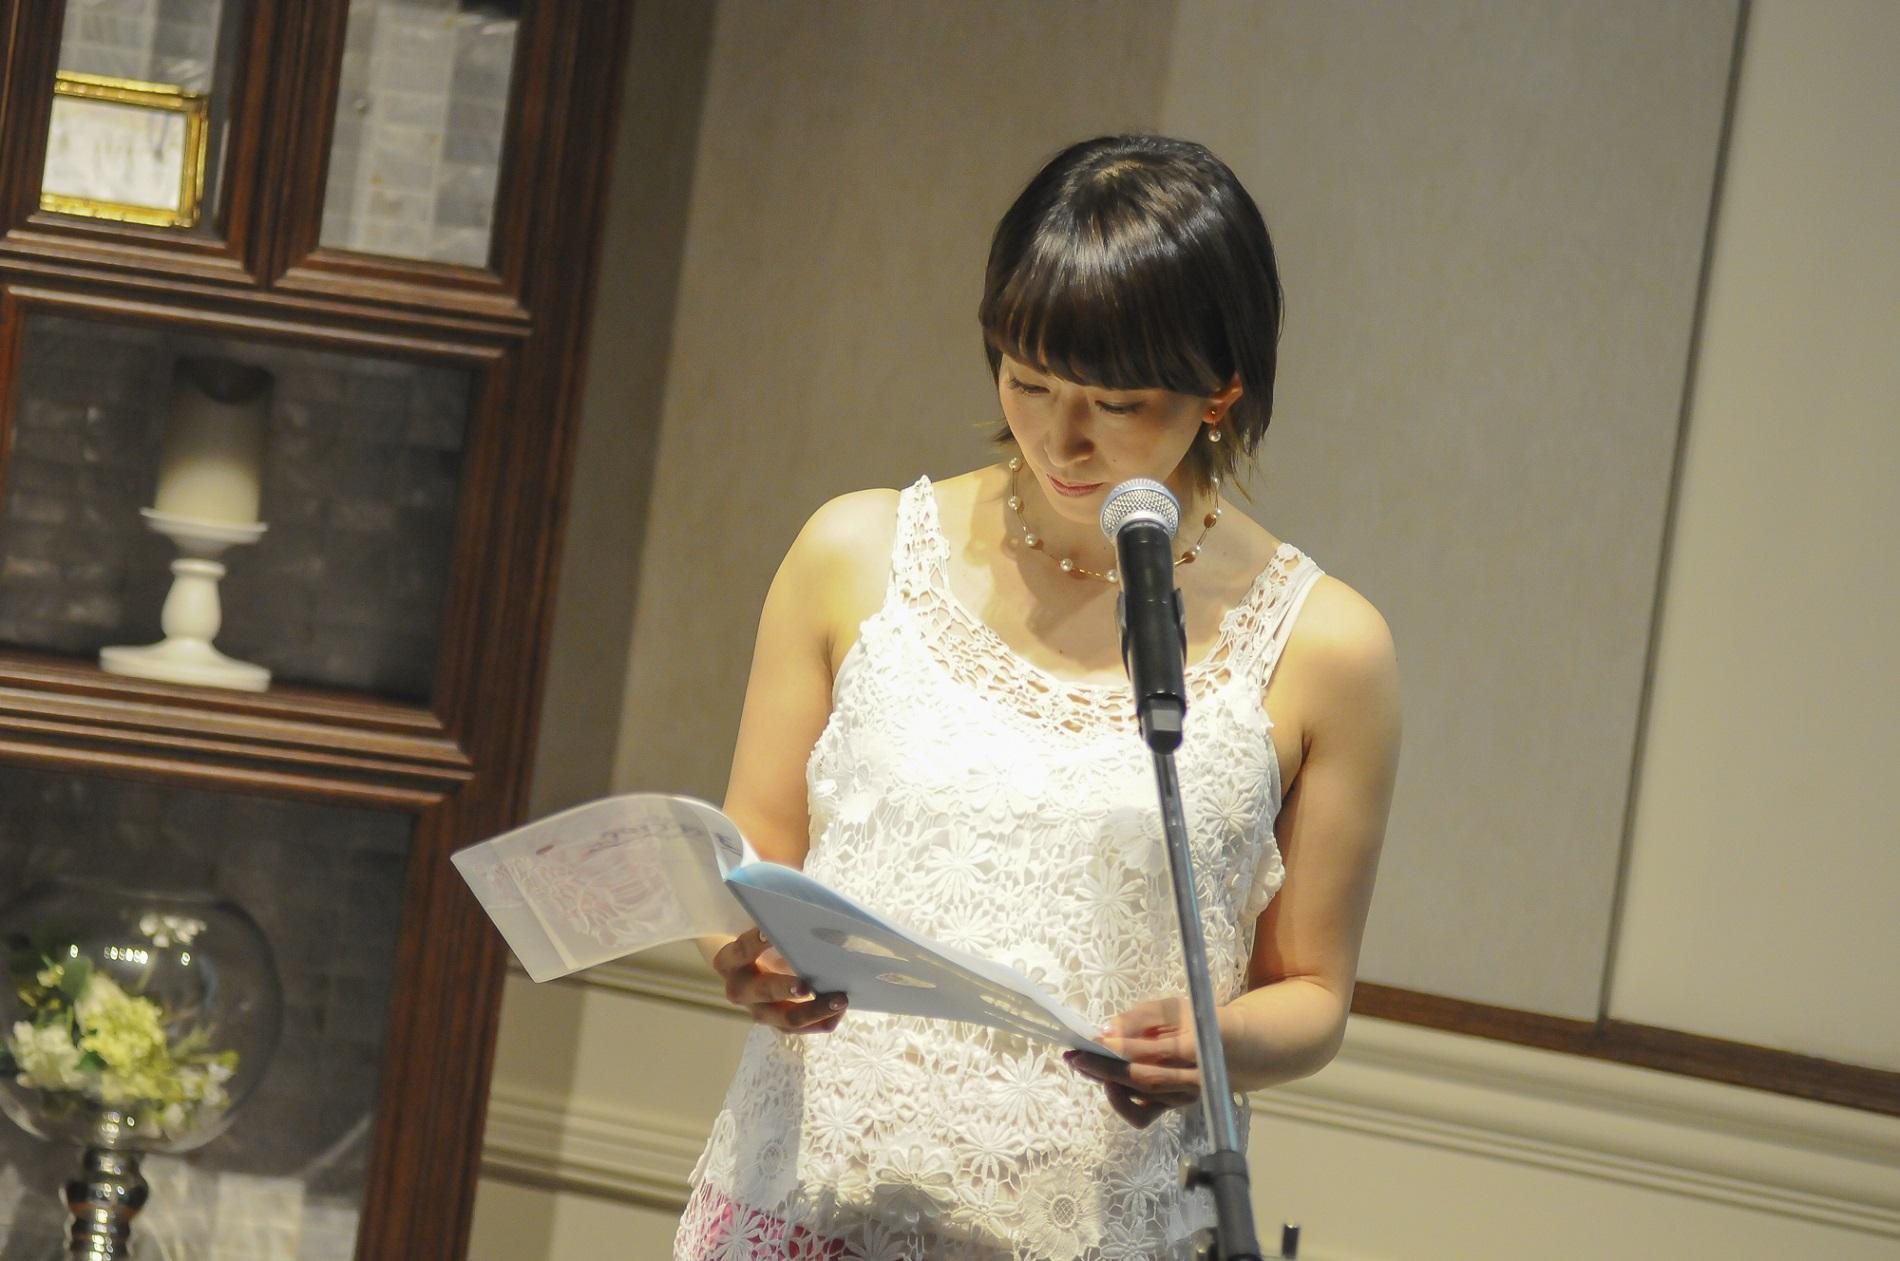 『クロノ ブリゲード』完成披露の宴で4月18日配信を発表!